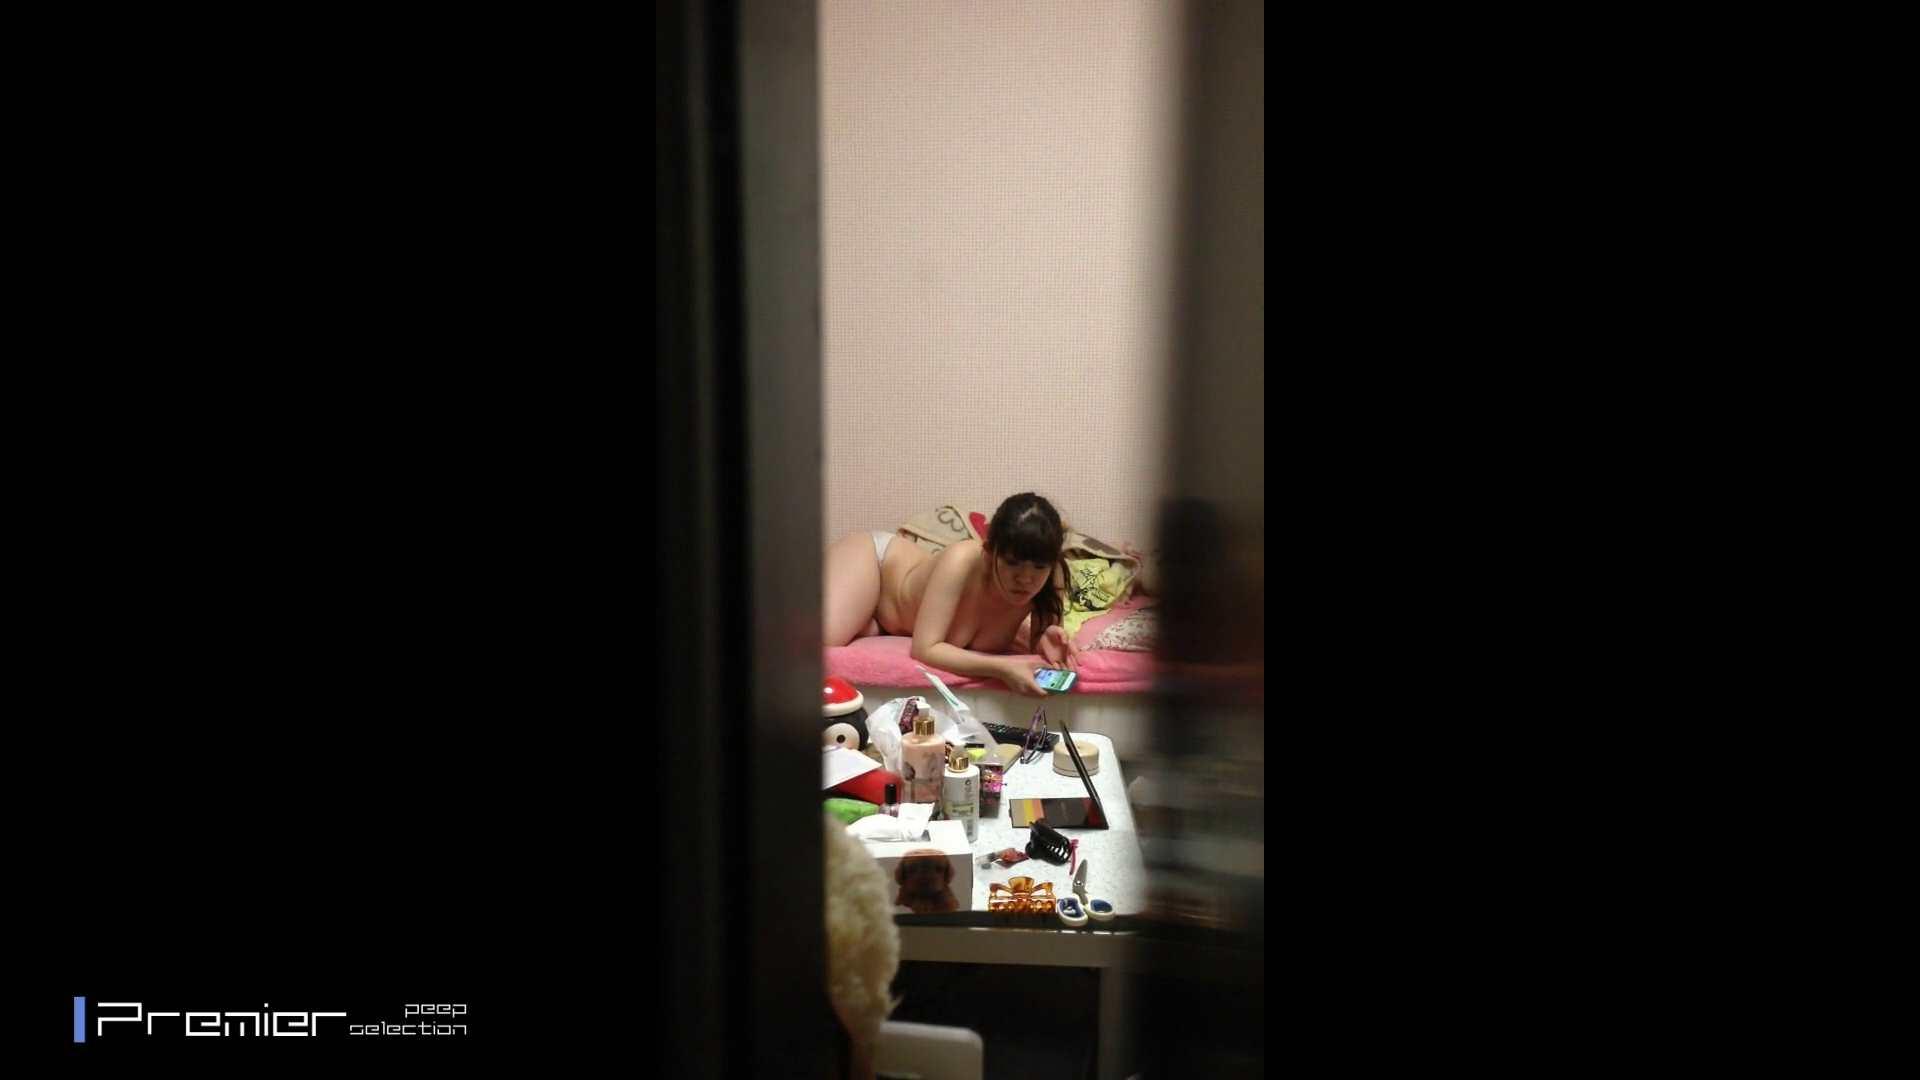 吉祥寺の美容師 エロい休日 美女達の私生活に潜入! 高画質 エロ無料画像 92枚 20